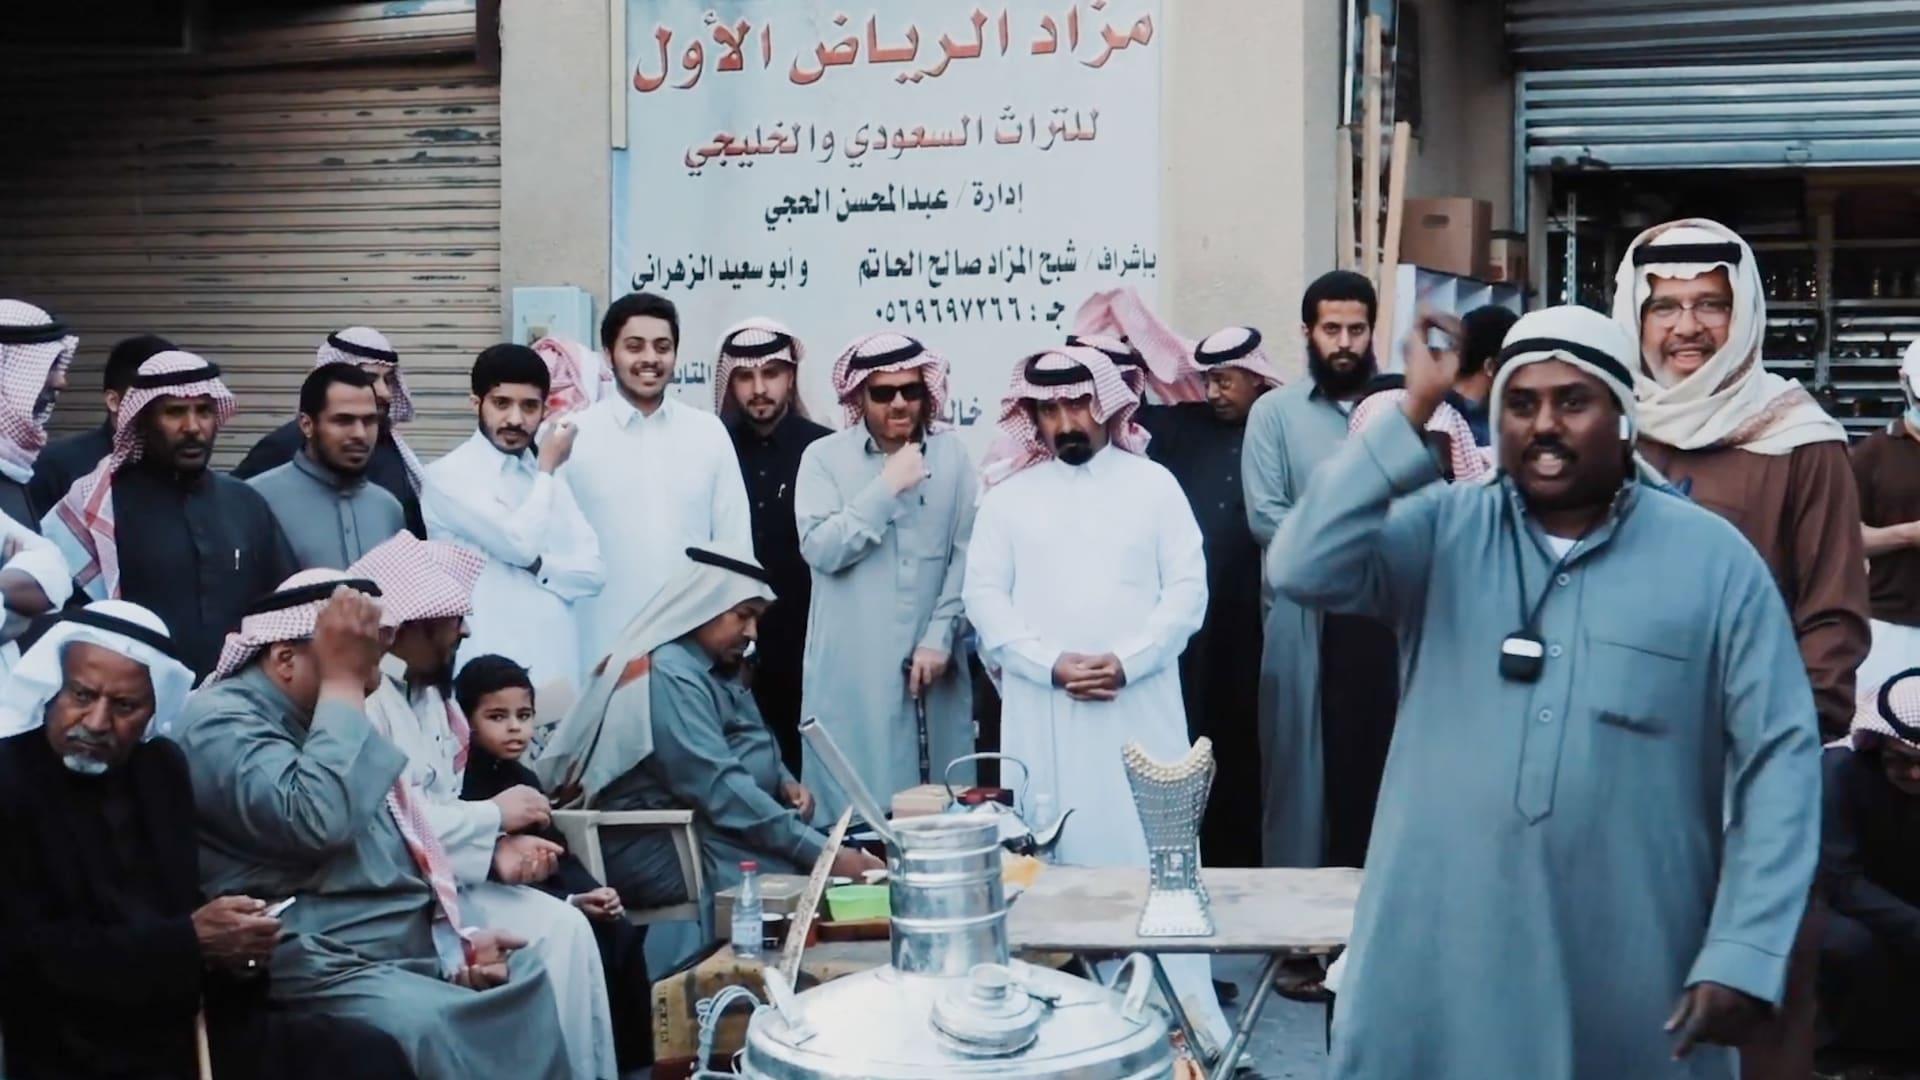 سوق الزل في الرياض بالسعودية